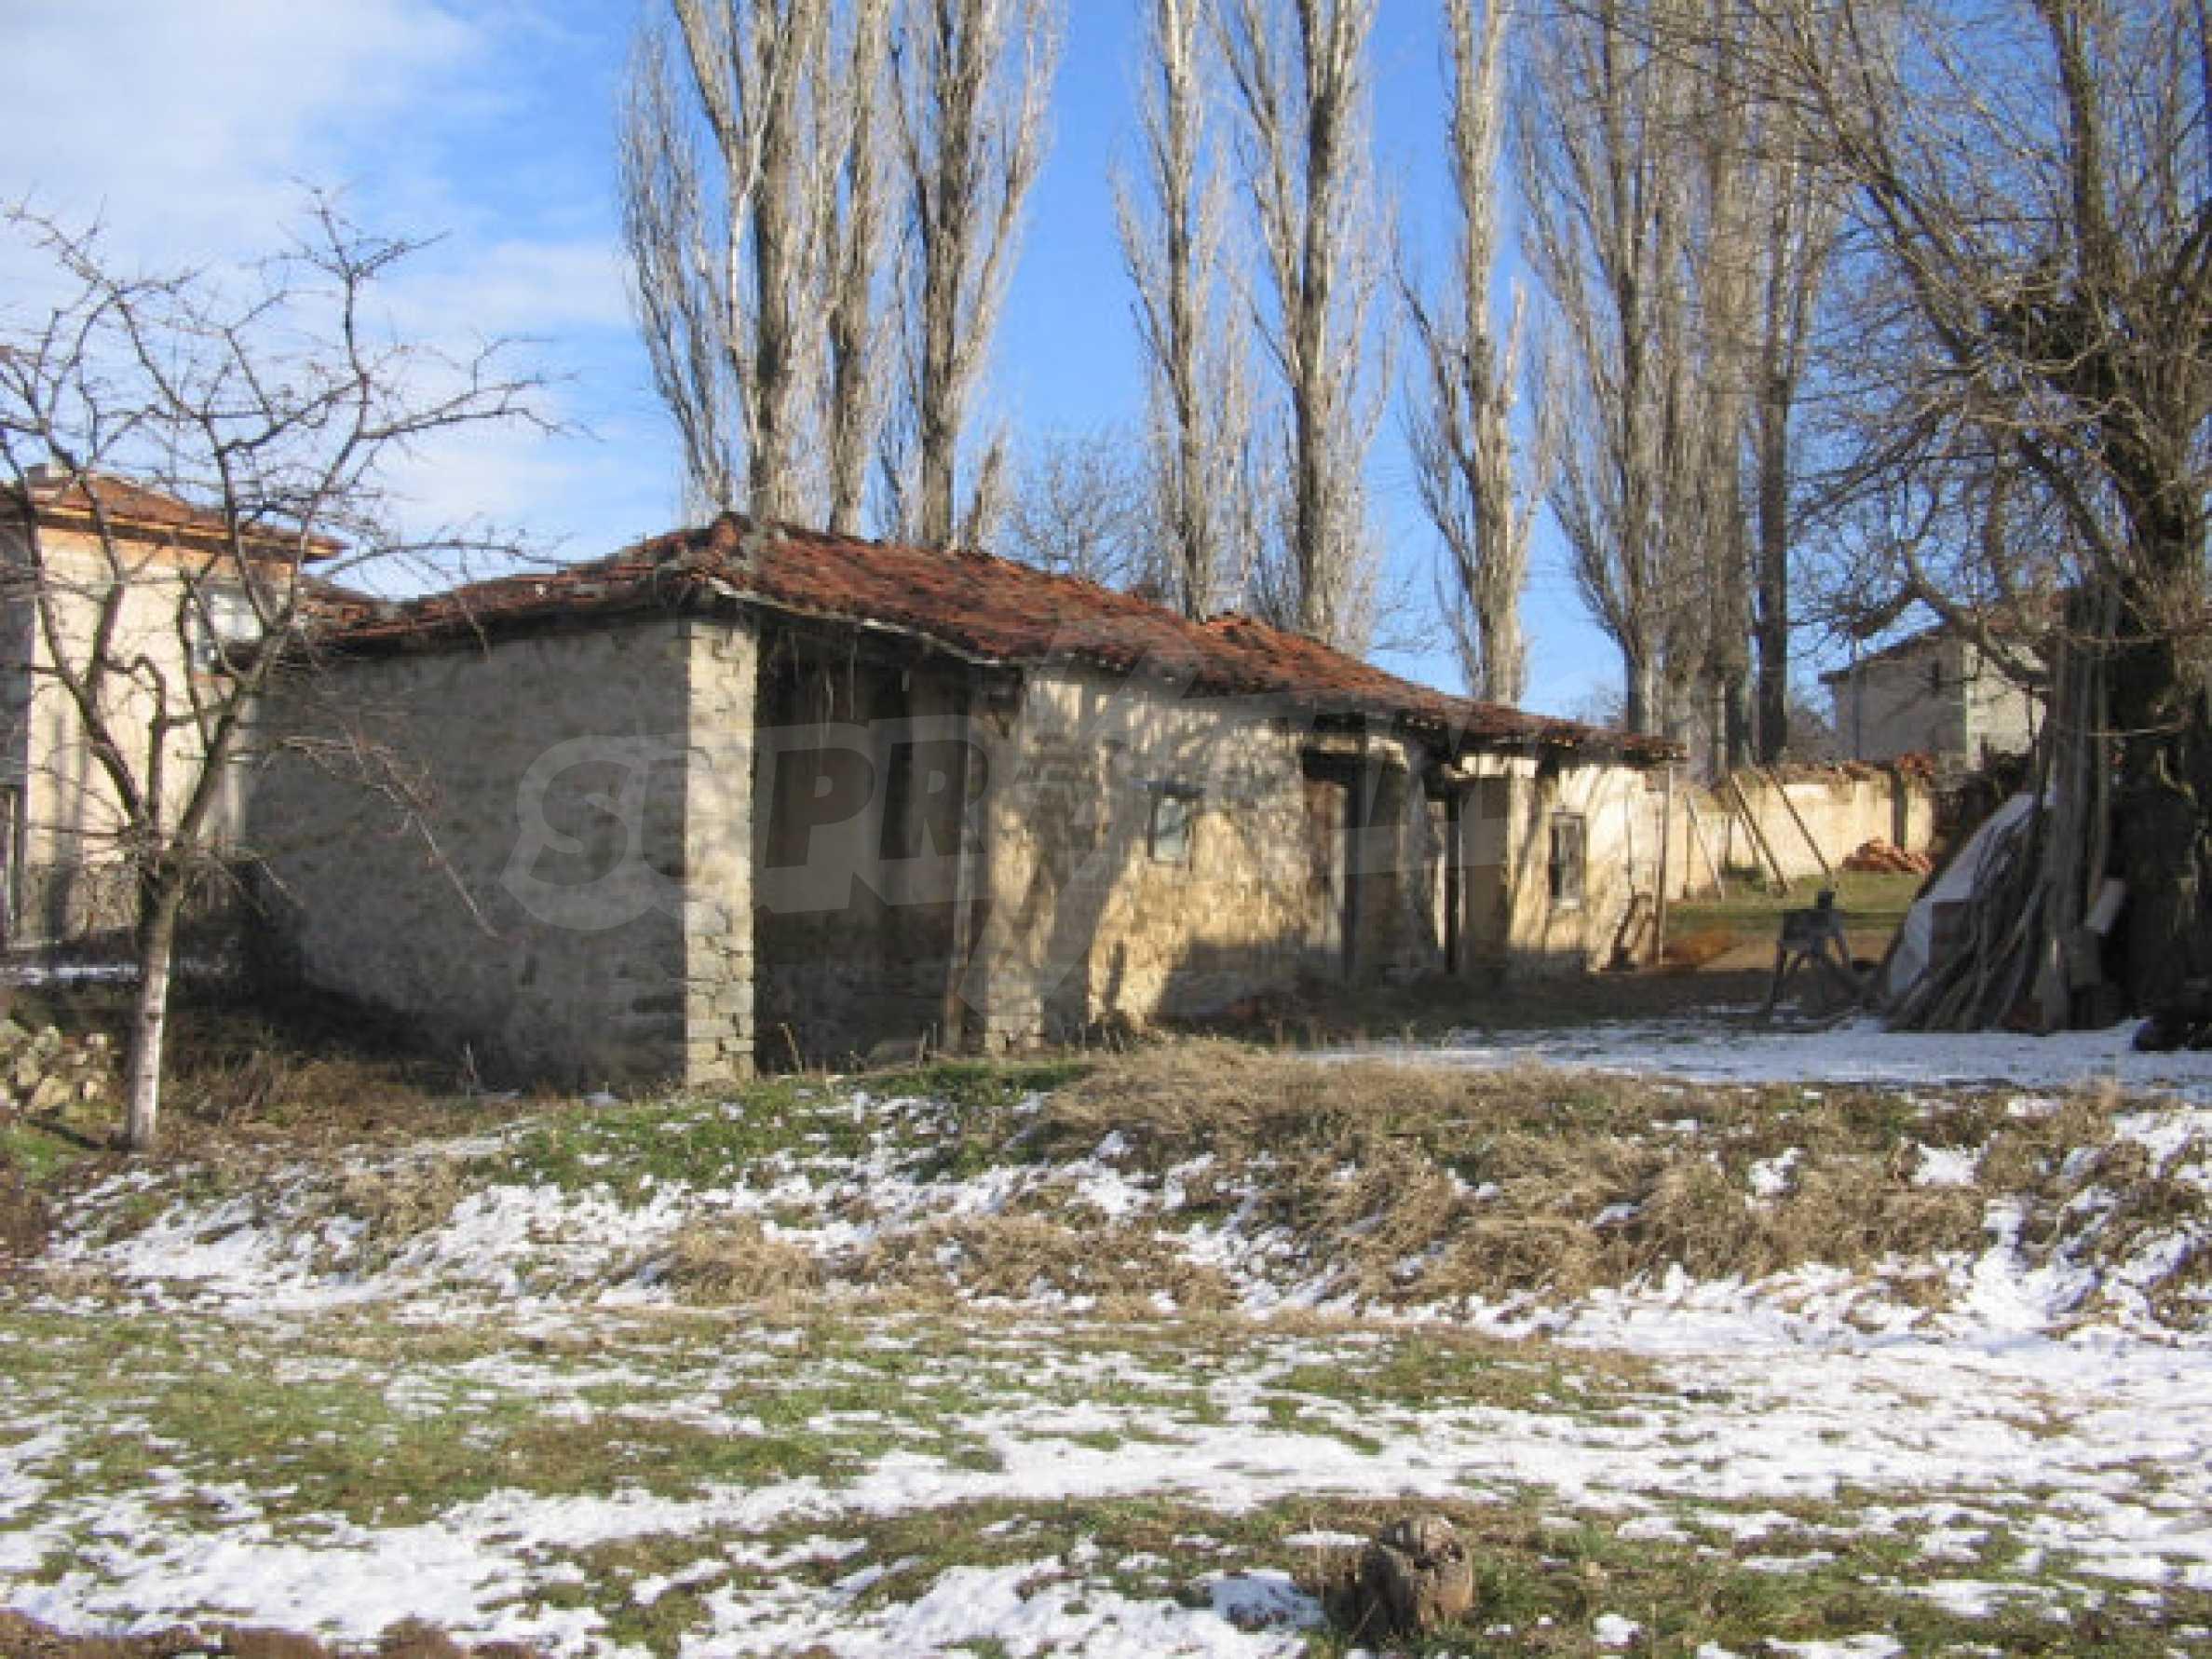 Ein Grundstück zum Verkauf in einem Dorf 32 km von Kardjali entfernt 8